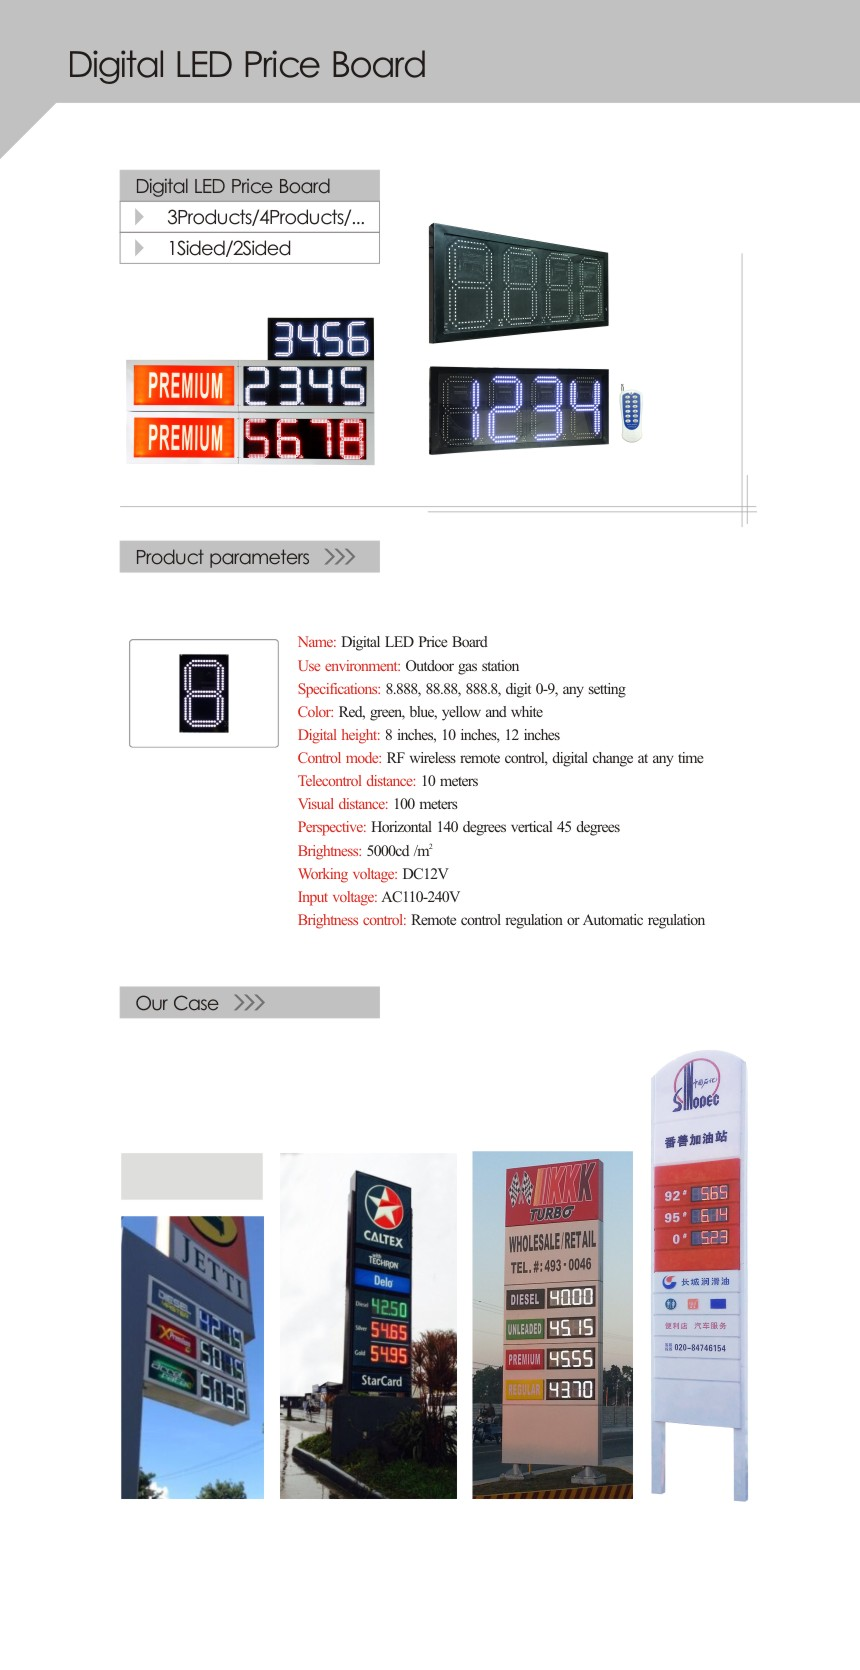 Digital LED Price Board